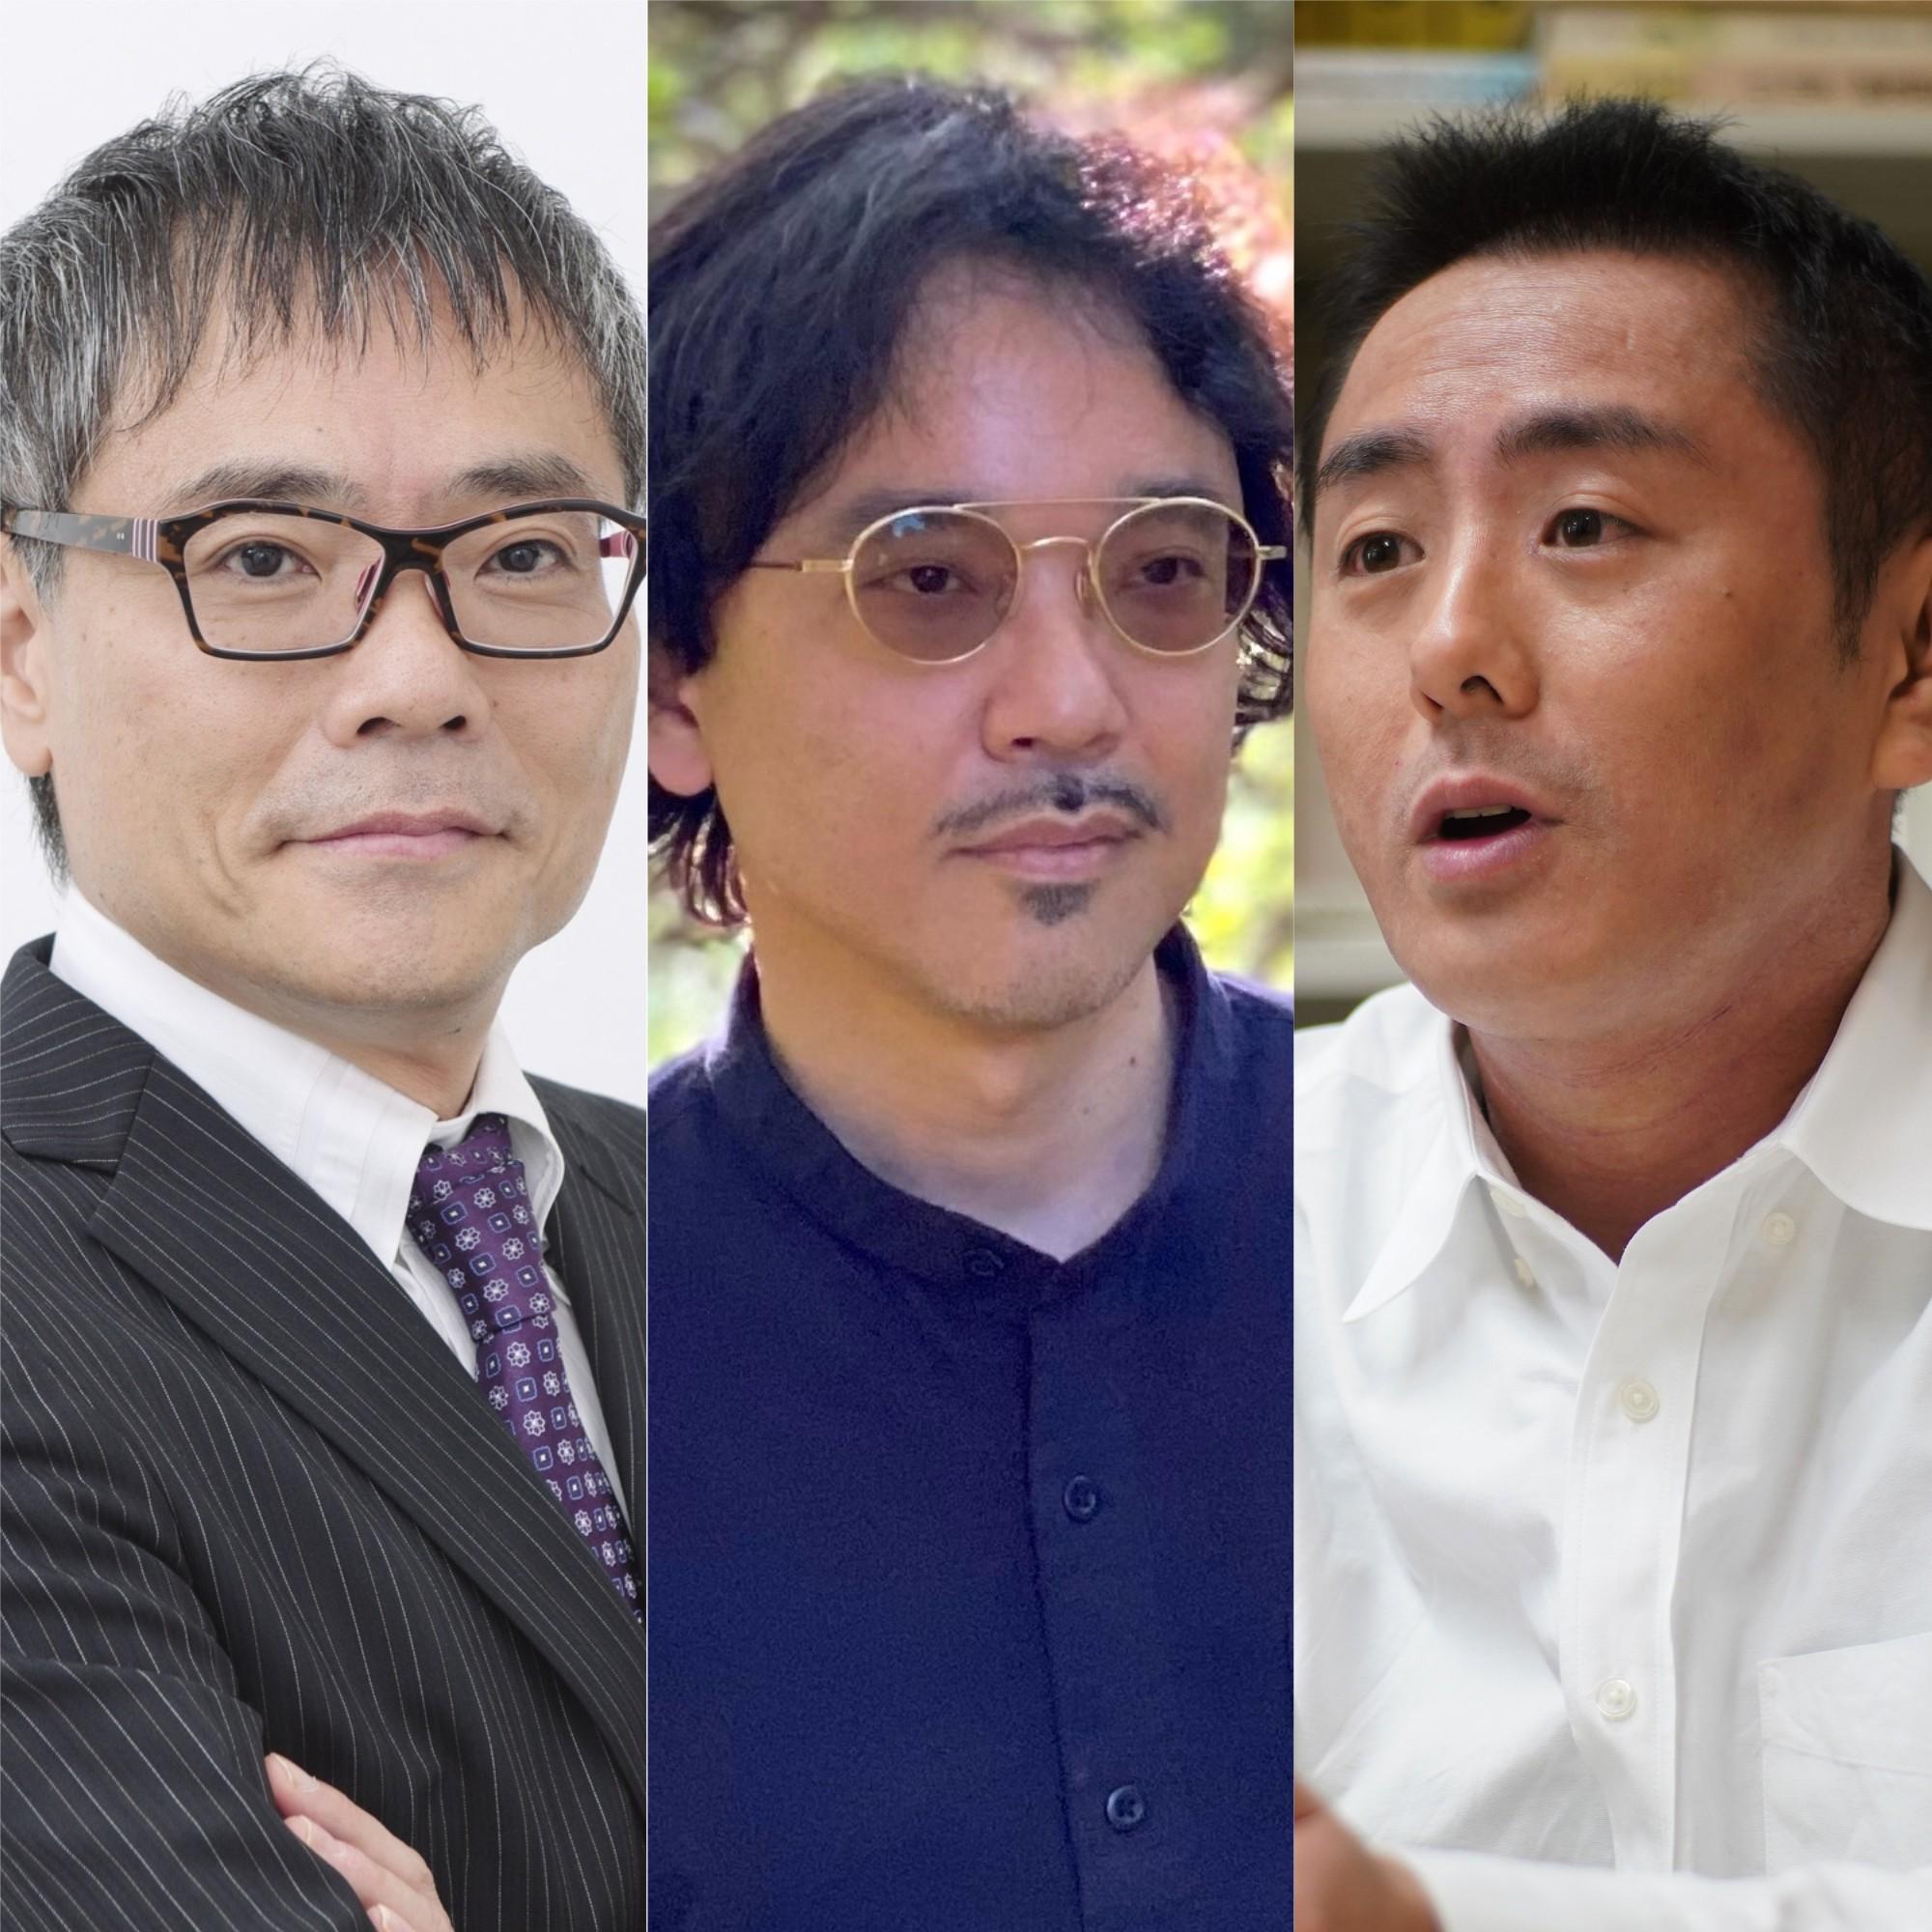 竹倉史人さん(中央)、いとうせいこうさん(左)、中島岳志さん